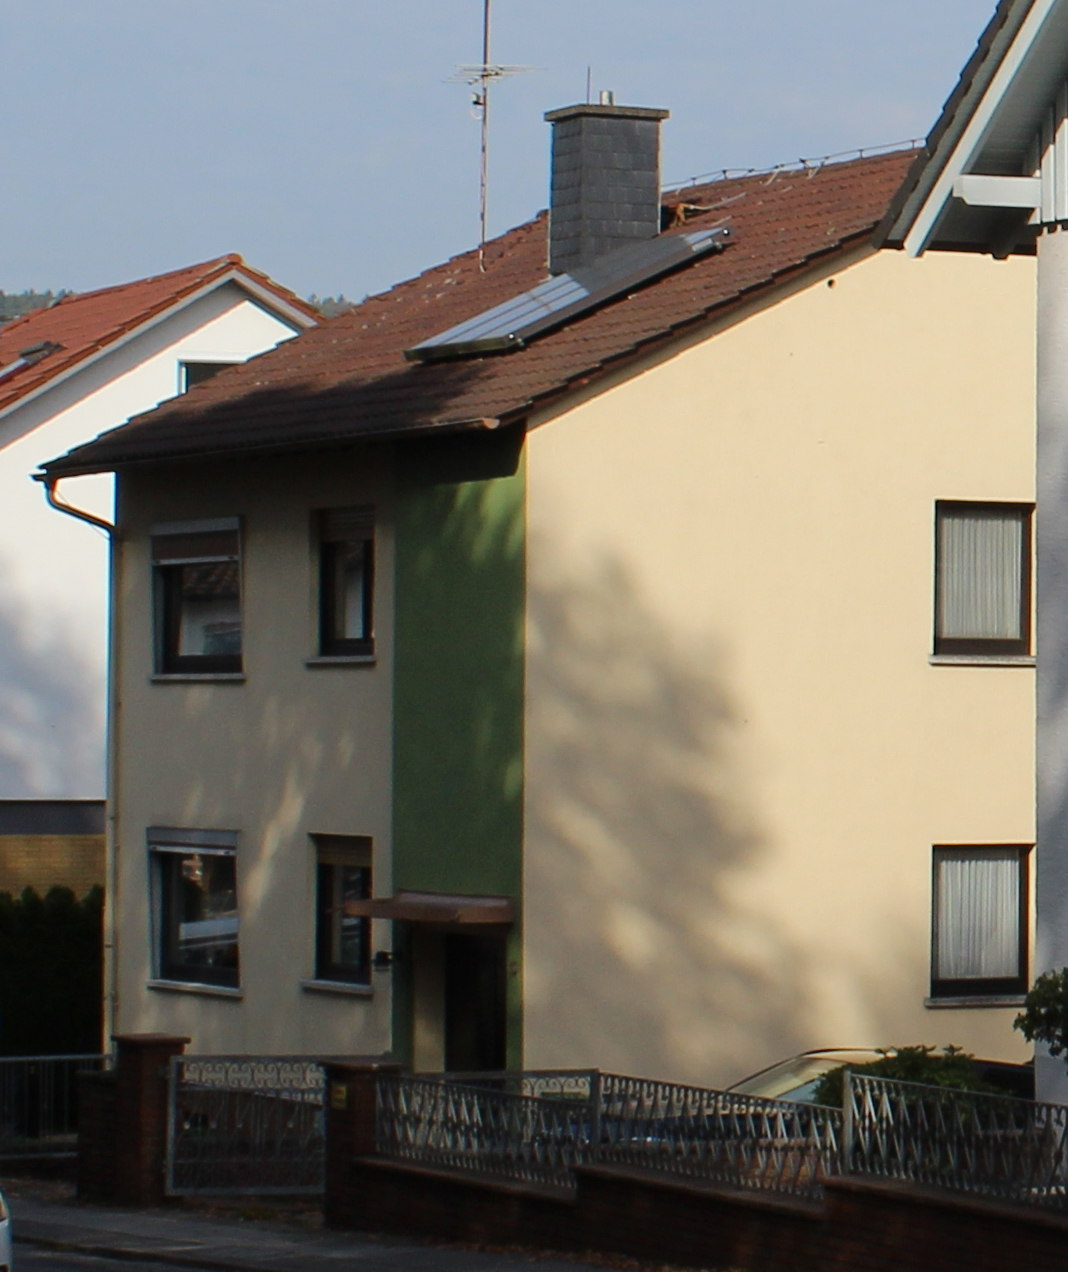 Ähnliches Nachbarhaus ohne Aufstockung zum Vergleich